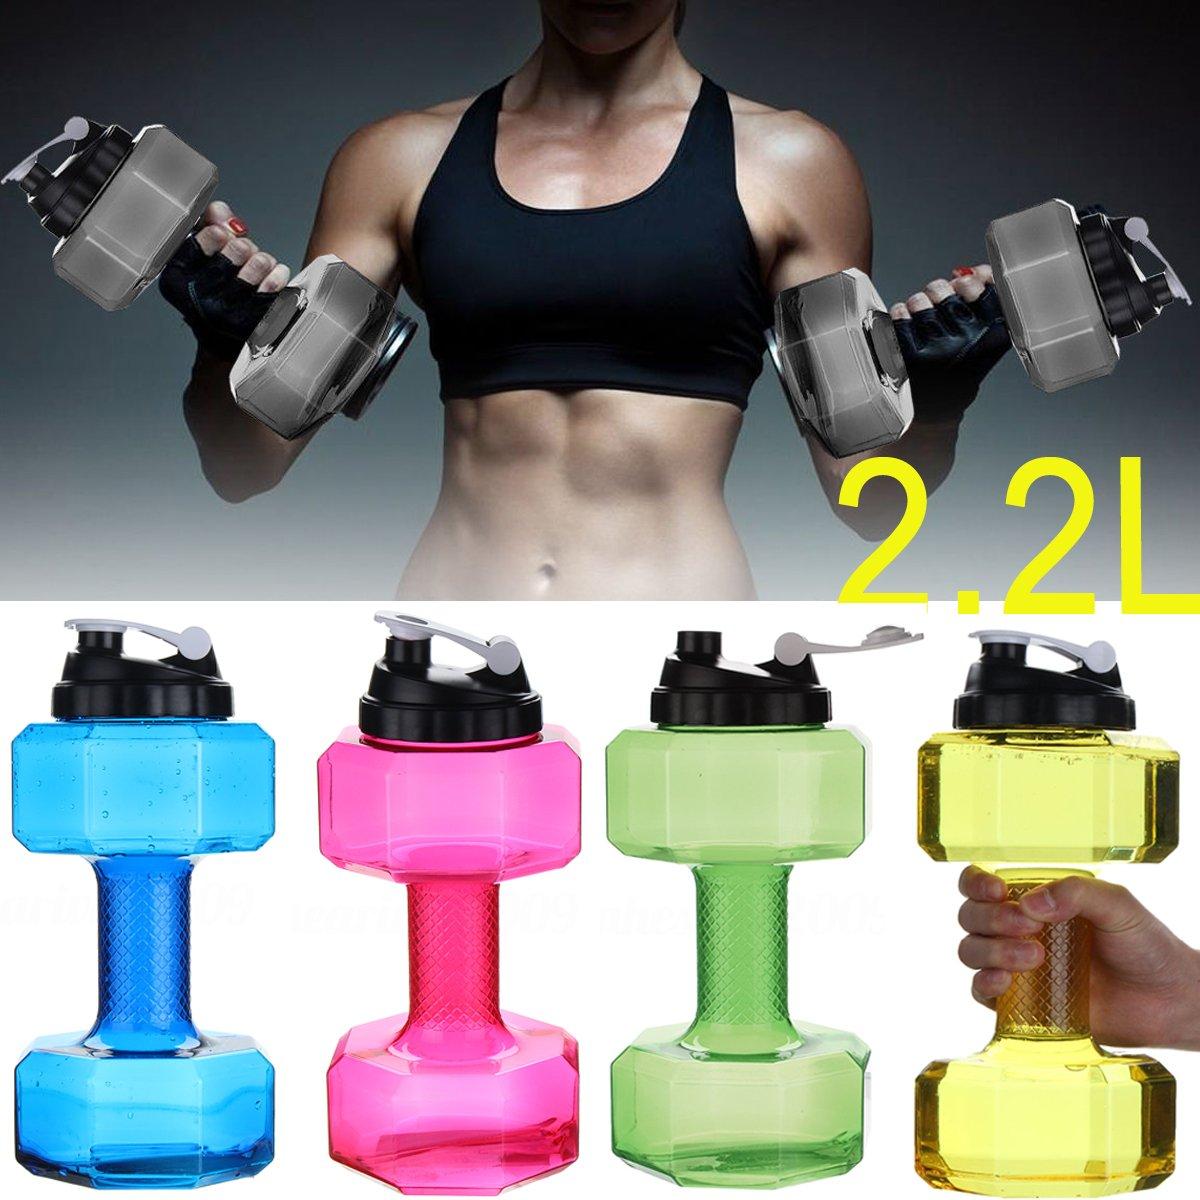 Lilyy 2.2L Big Kapazität PETG Umweltfreundlich Tasse Hantel Form Trinkwasser Flaschen Wasserkocher Personalisierte Flasche (BPA-frei)